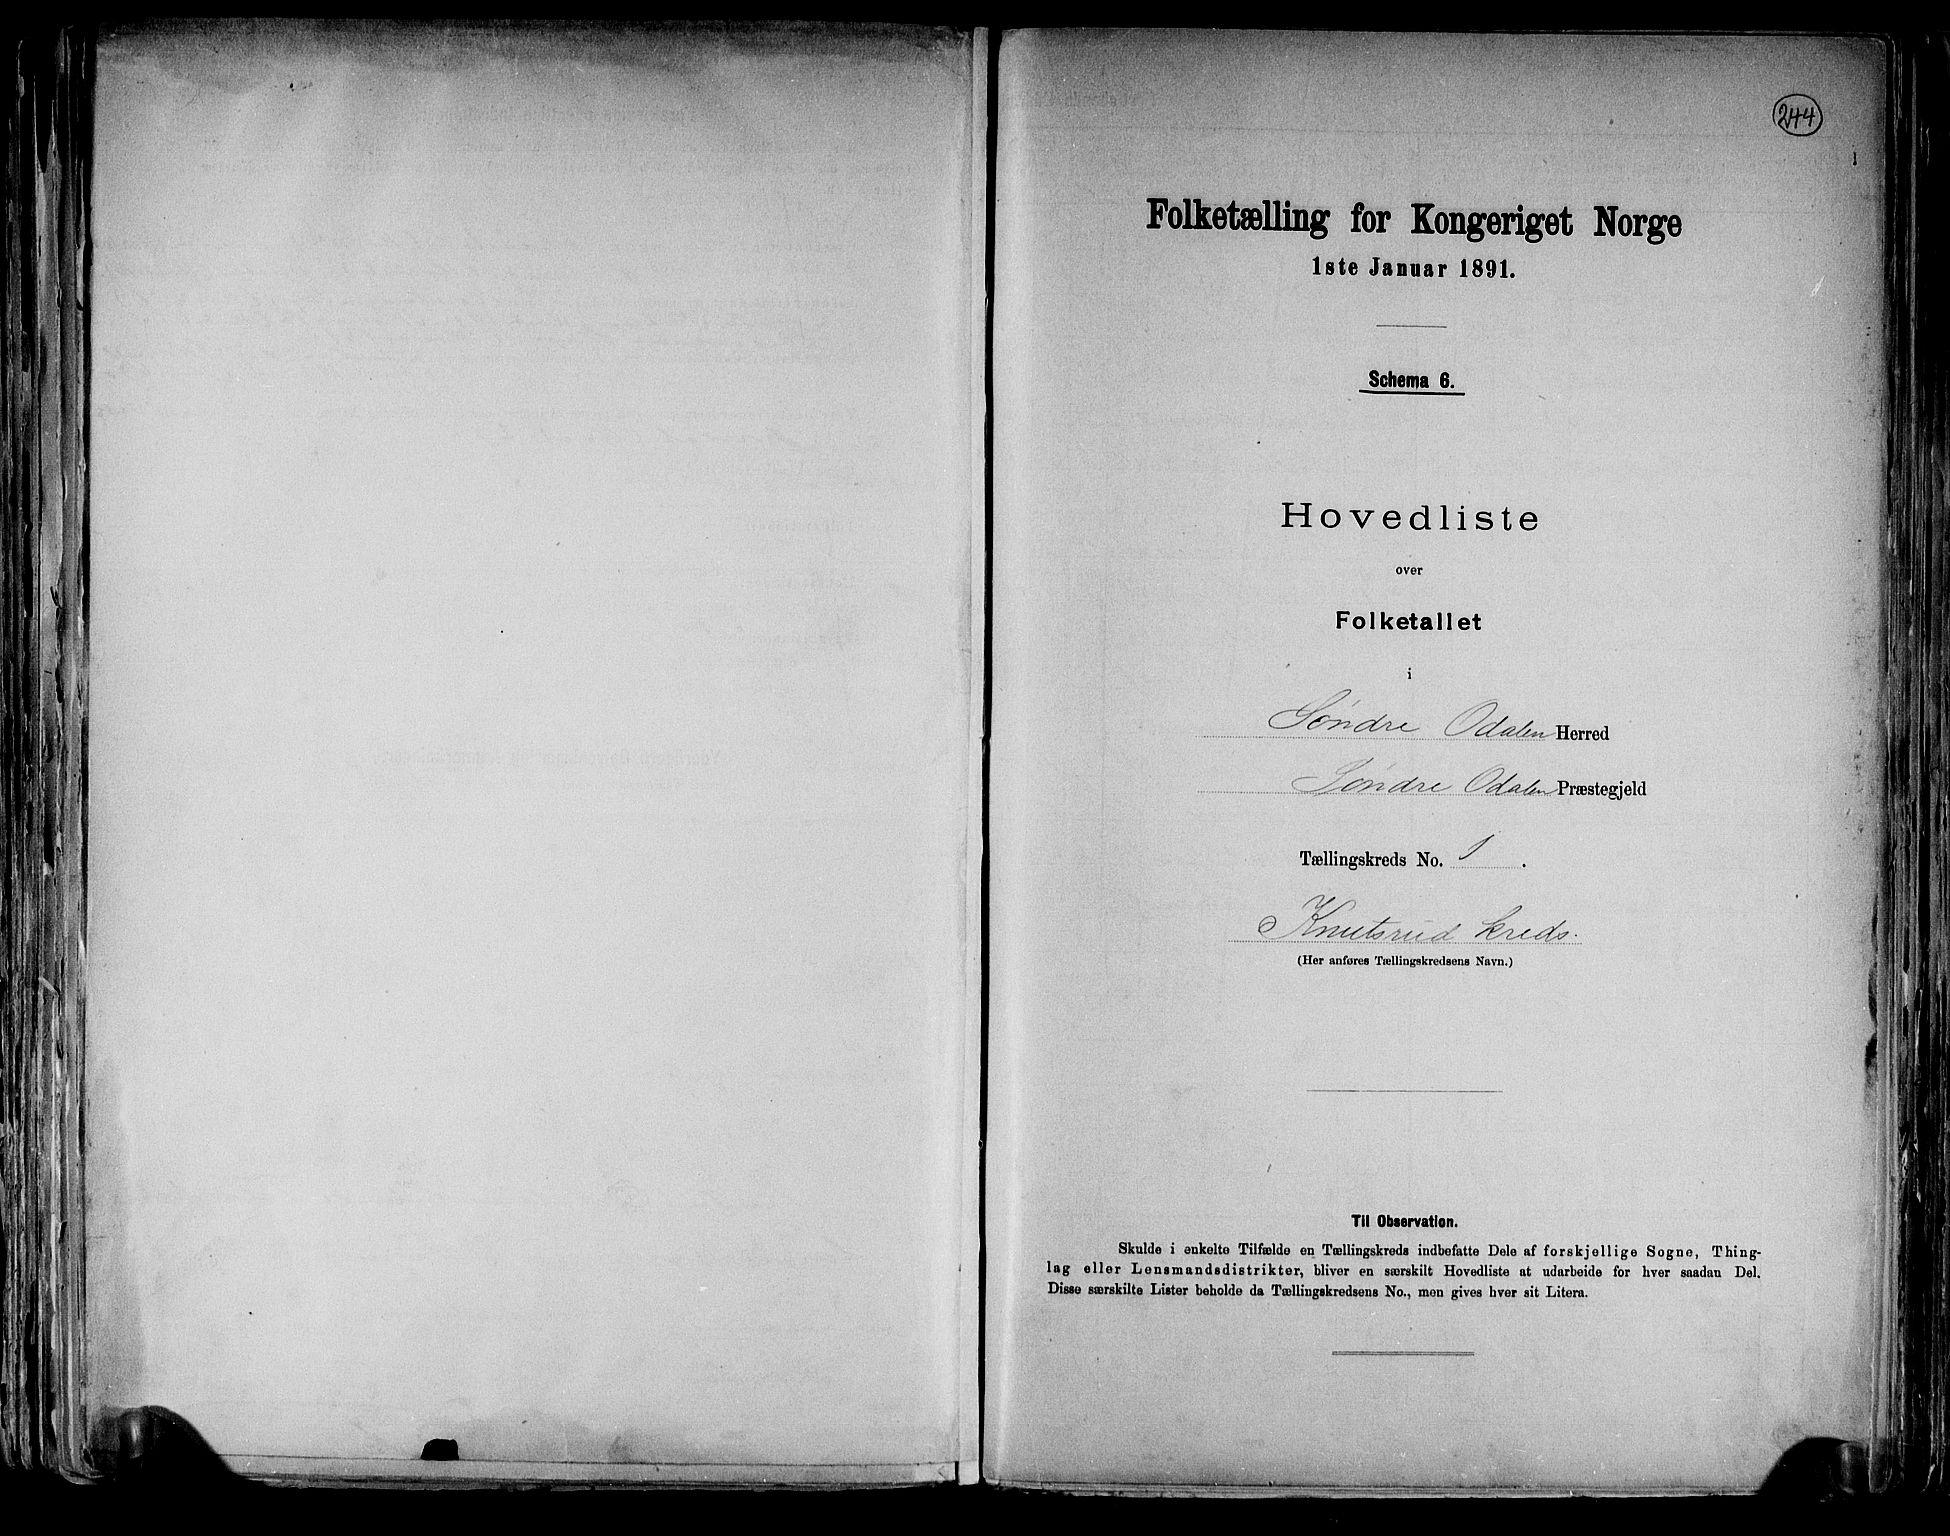 RA, Folketelling 1891 for 0419 Sør-Odal herred, 1891, s. 4